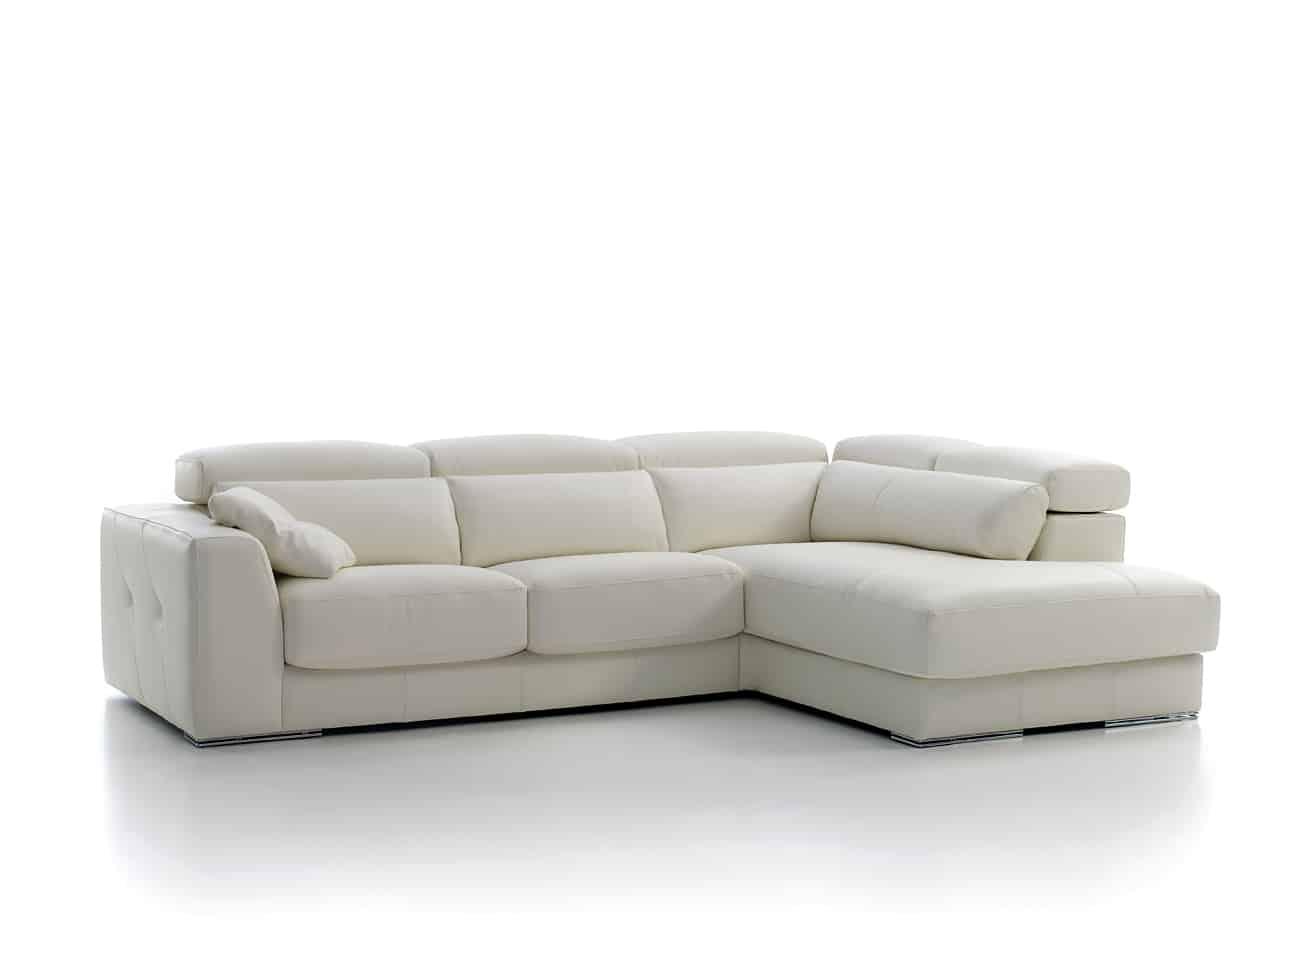 Pedro Ortiz Sofas Opiniones Beautiful Sofa Karen De Pedro Ortiz  # Muebles Pedro Ortiz